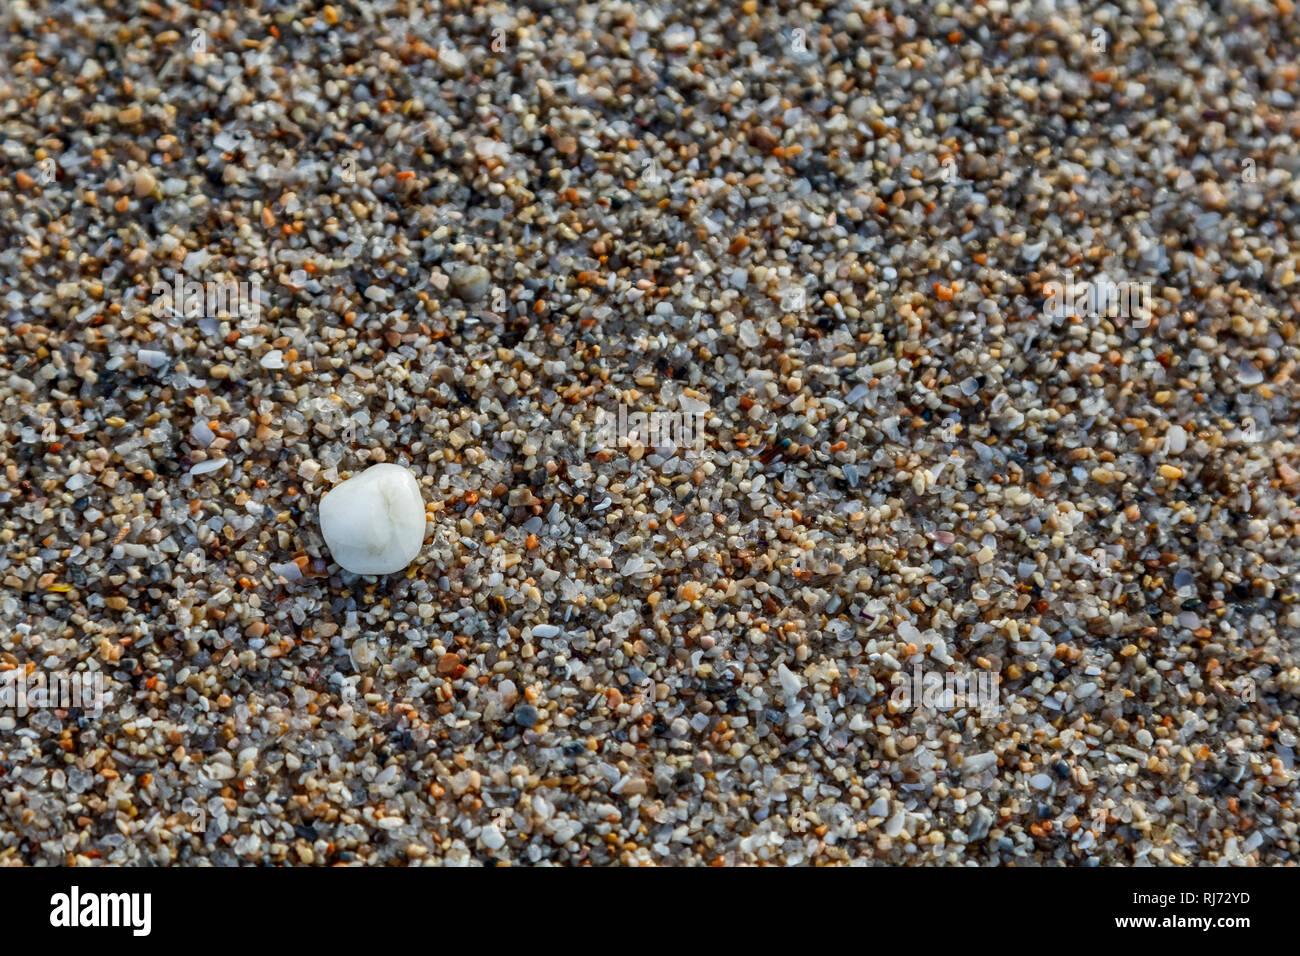 Sand, Kies und Muscheln findet man am Strand, Nahaufnahme, - Stock Image